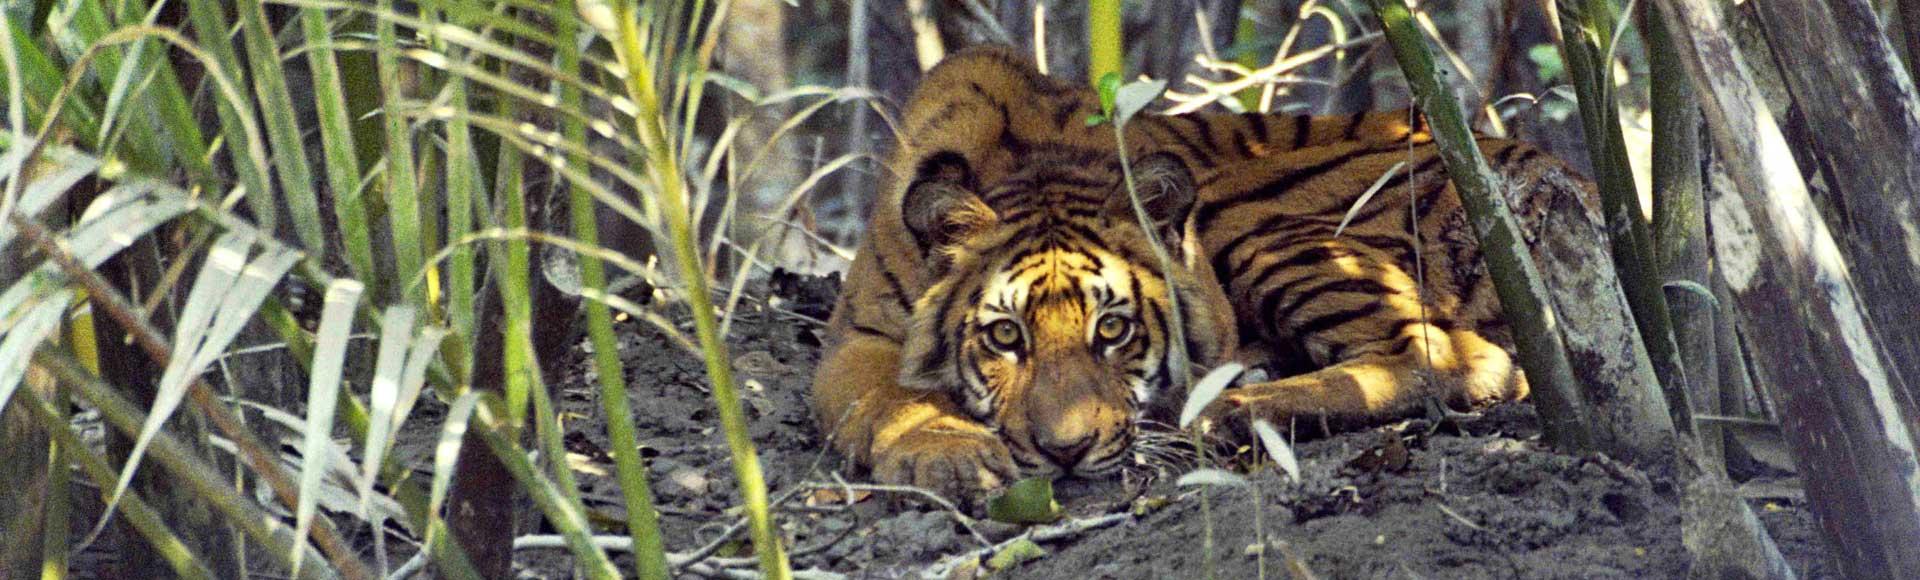 tiger-banner-slim